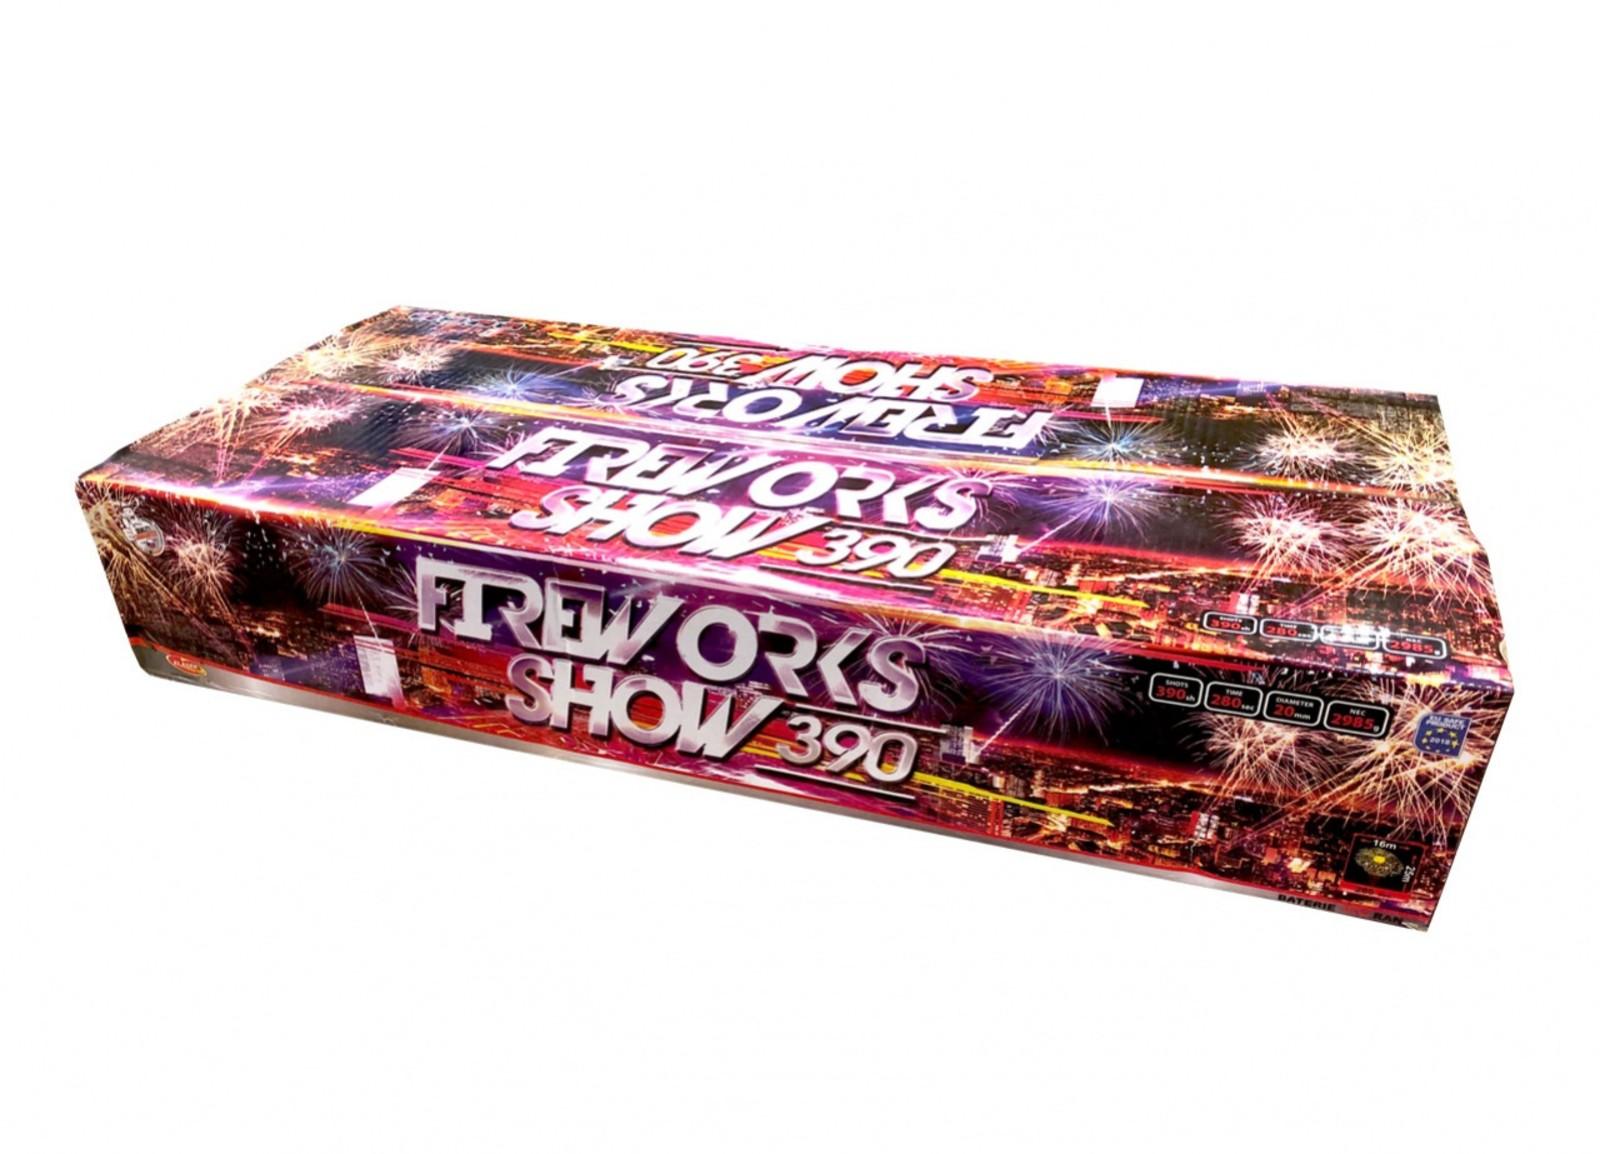 Wyrzutnia 390 strzałów / 20mm Fireworks show